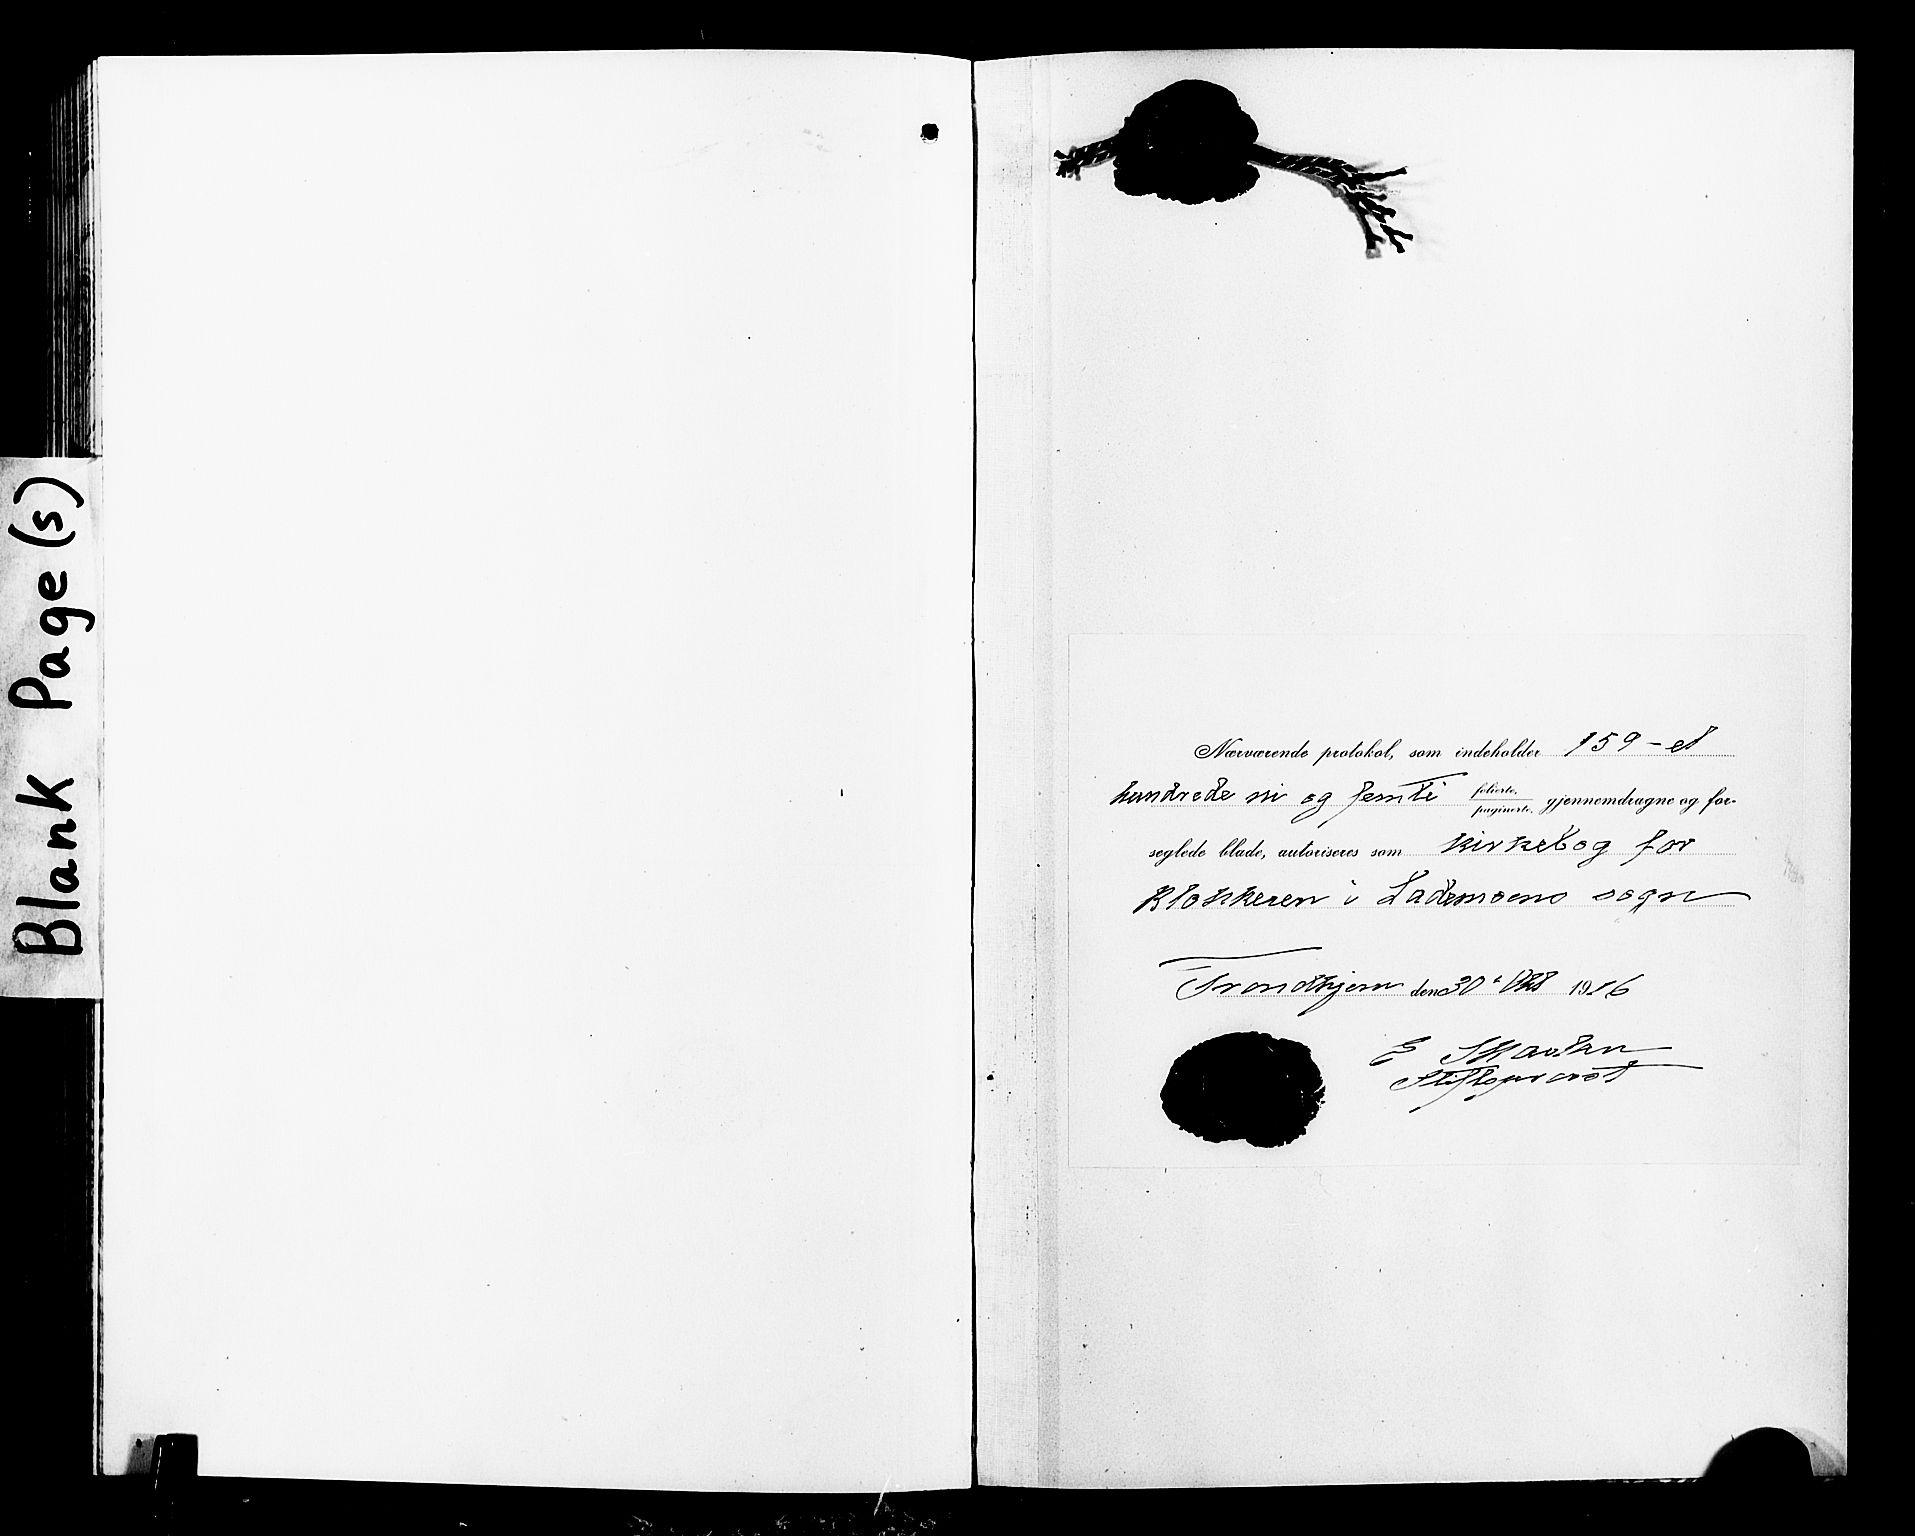 SAT, Ministerialprotokoller, klokkerbøker og fødselsregistre - Sør-Trøndelag, 605/L0257: Klokkerbok nr. 605C04, 1916-1922